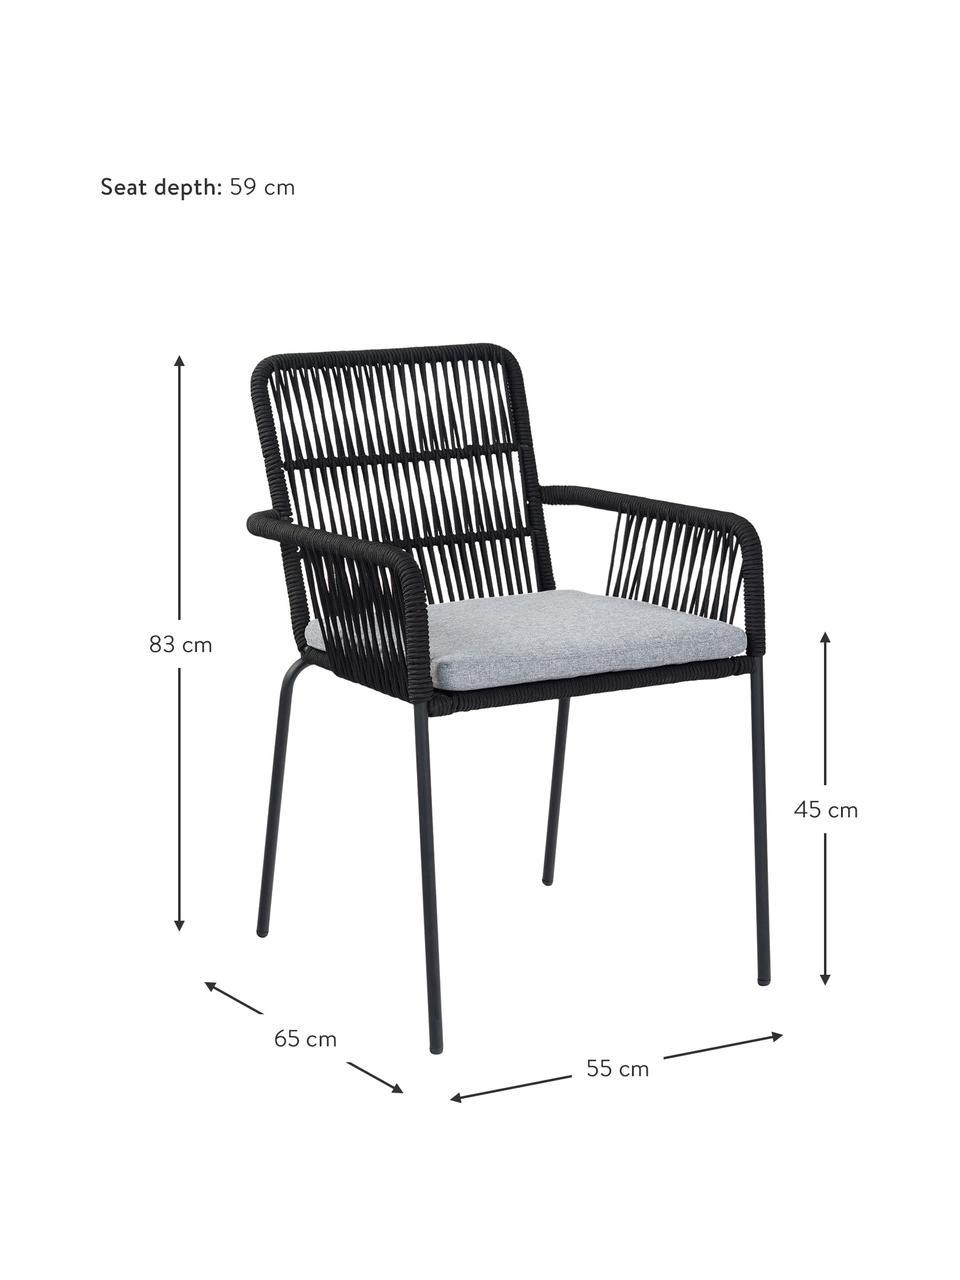 Armlehnstühle Sando, 2 Stück, Sitzfläche: Polyethylen-Geflecht, Gestell: Metall, pulverbeschichtet, Schwarz, Hellbeige, B 55 x T 65 cm